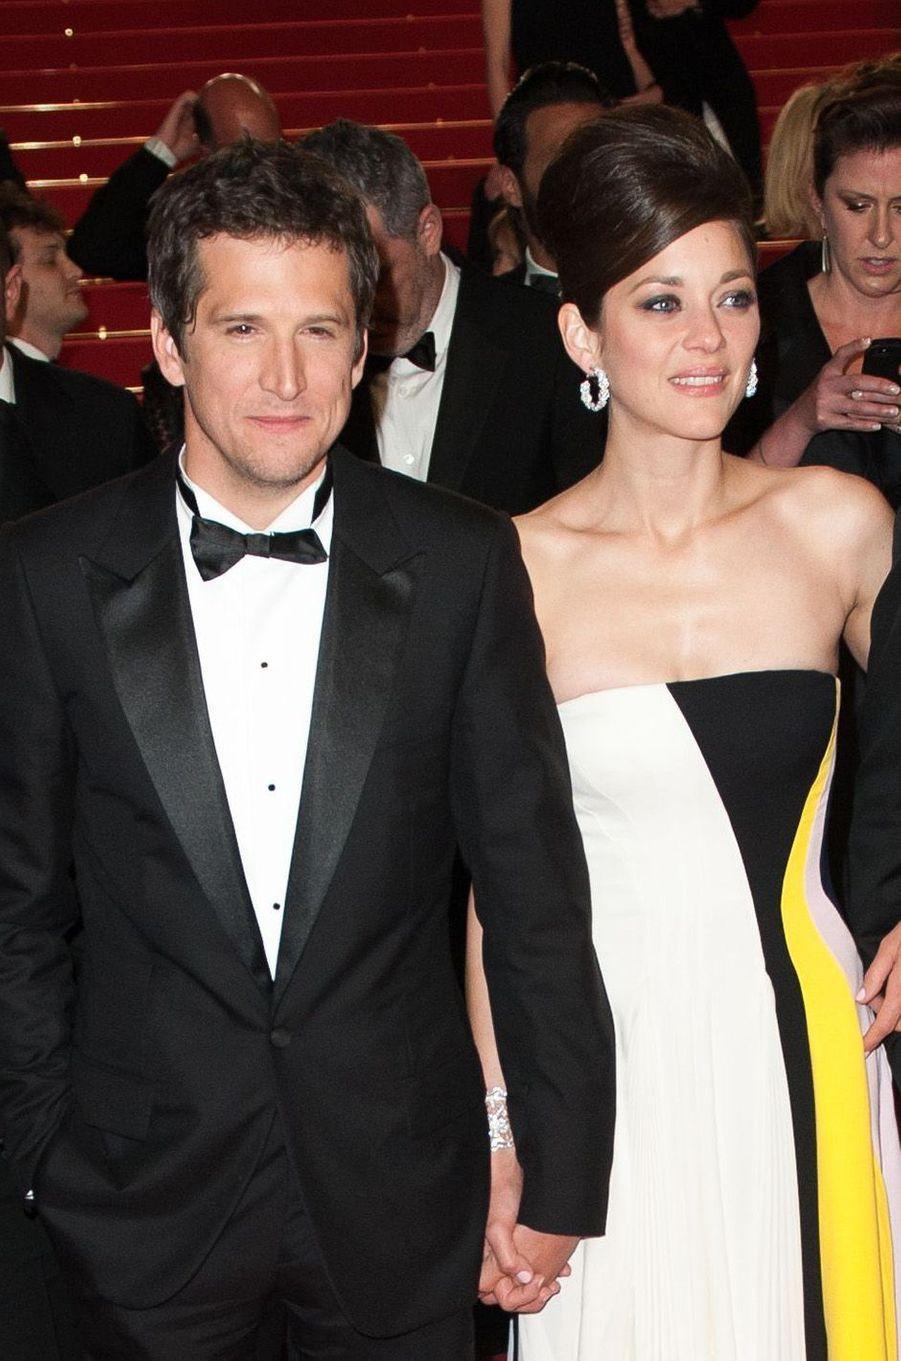 Marion Cotillard et Guillaume Canet au festival de Cannes 2014.